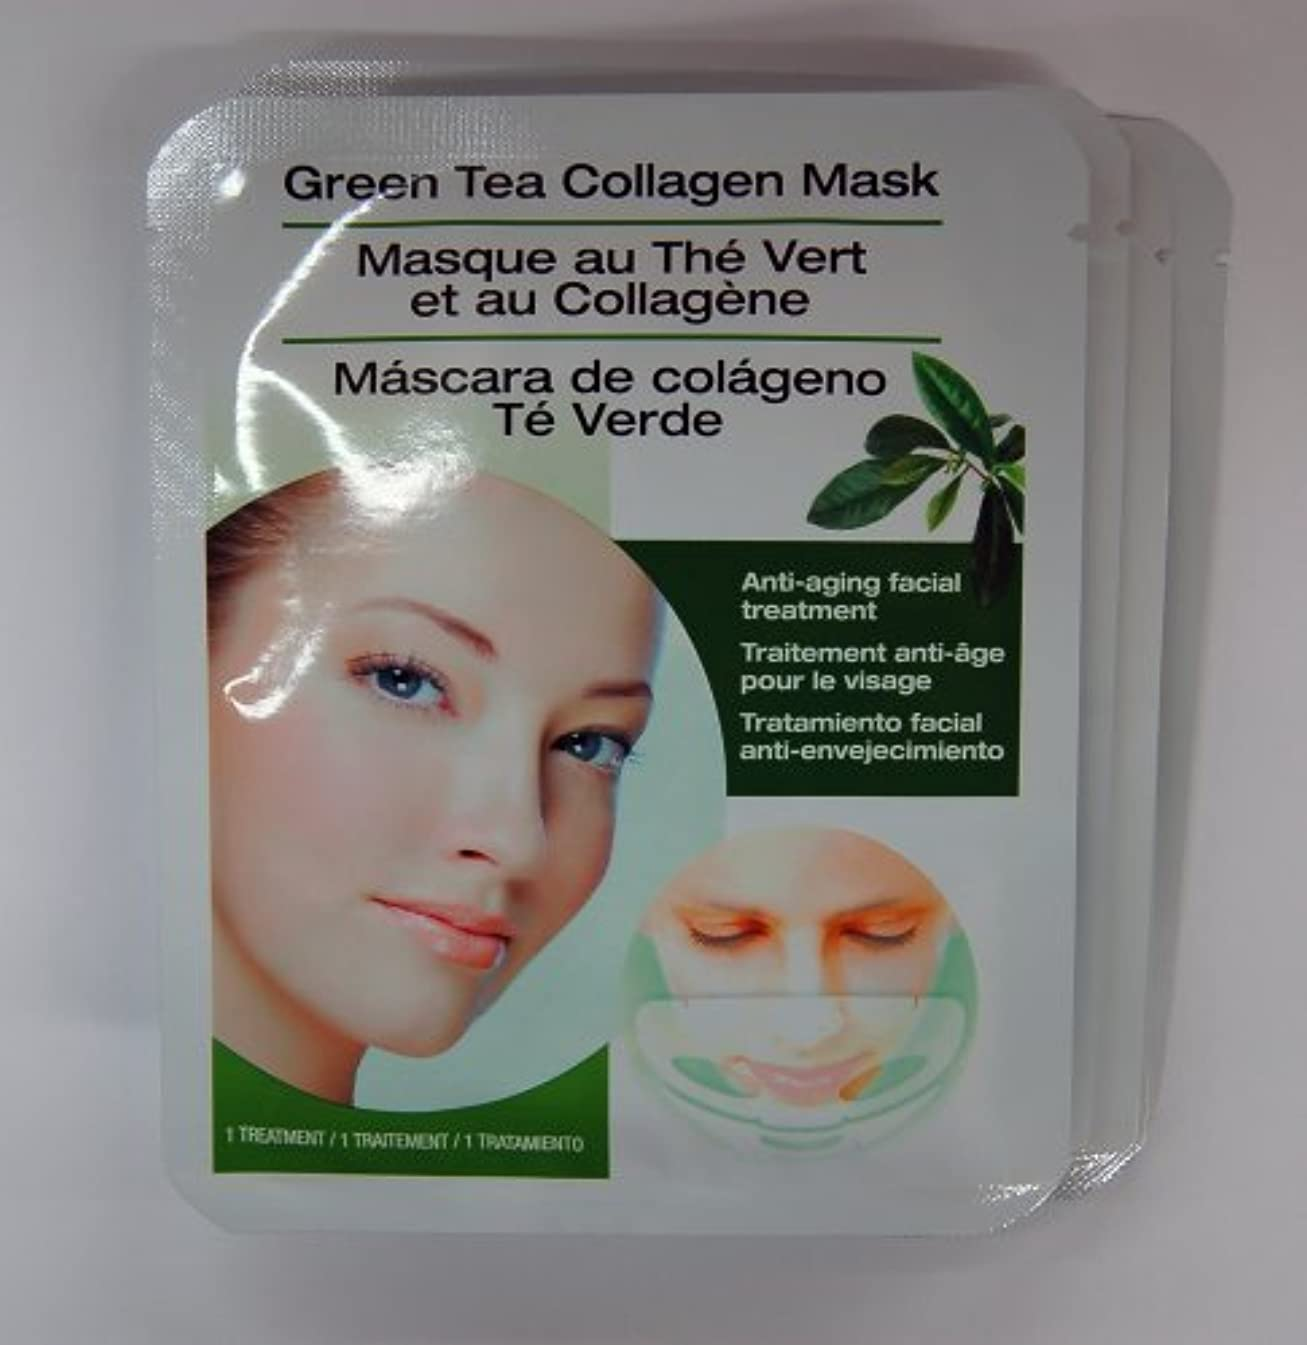 領域アヒル作家Dermactin-TS コラーゲンマスク、緑茶 (並行輸入品)